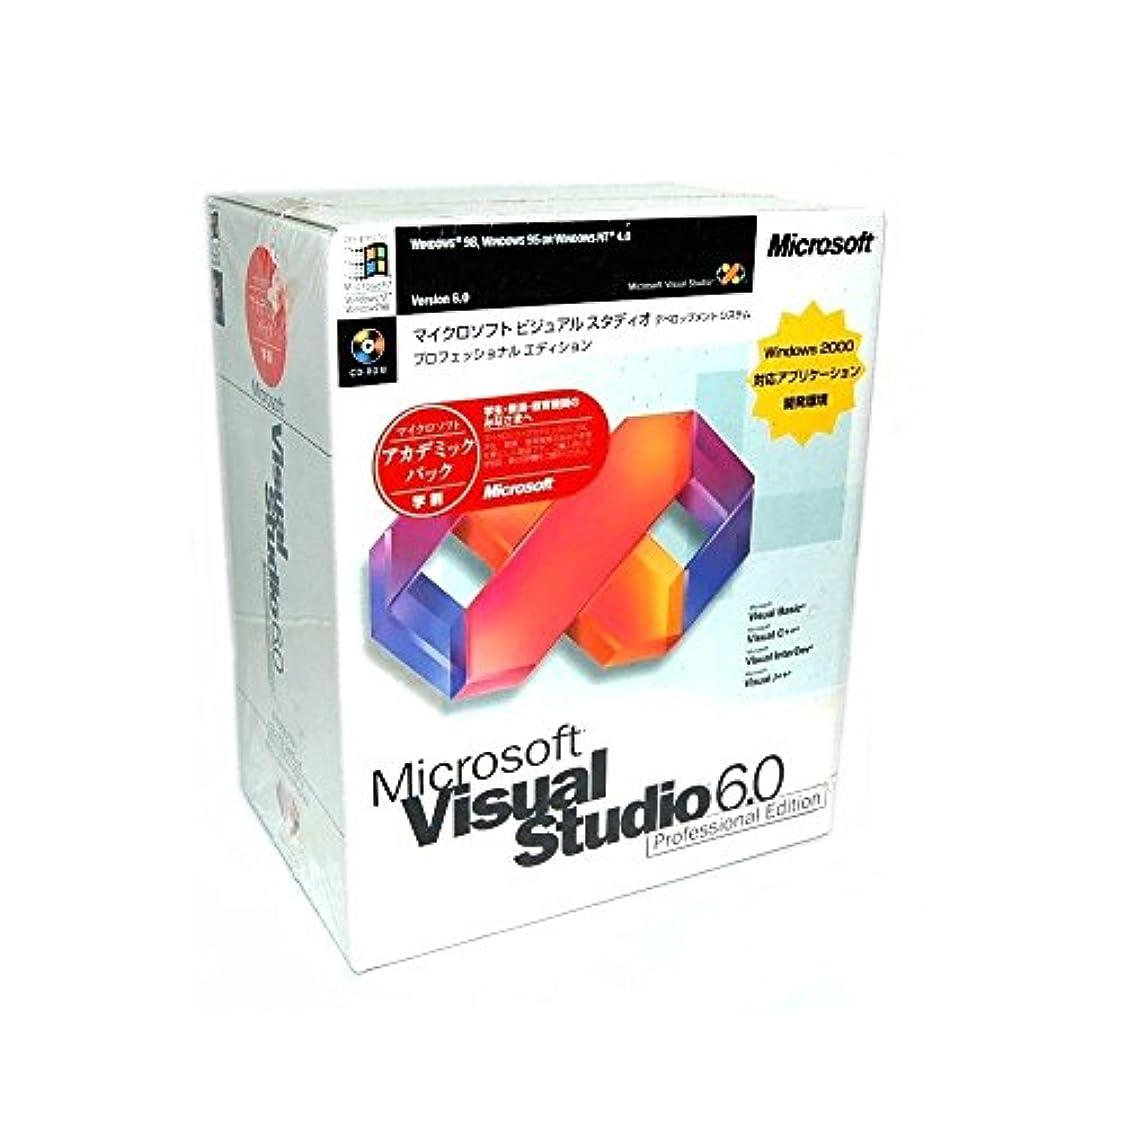 浅い不運メカニックVisual Studio 6.0 Professional アカデミック版